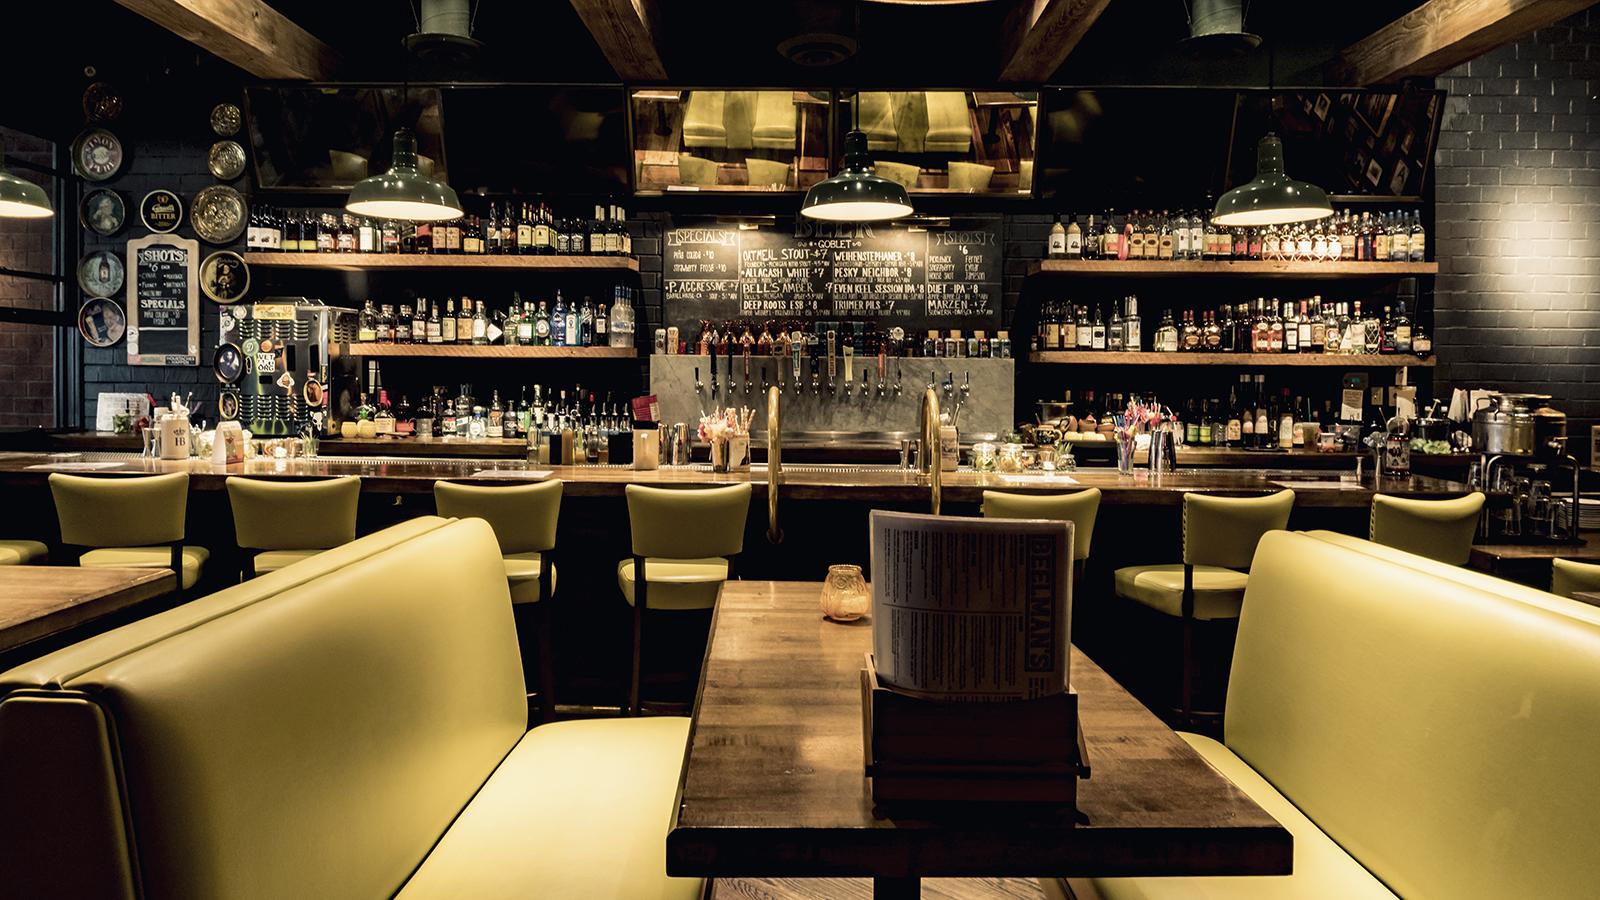 interior shot of Beelman's restaurant